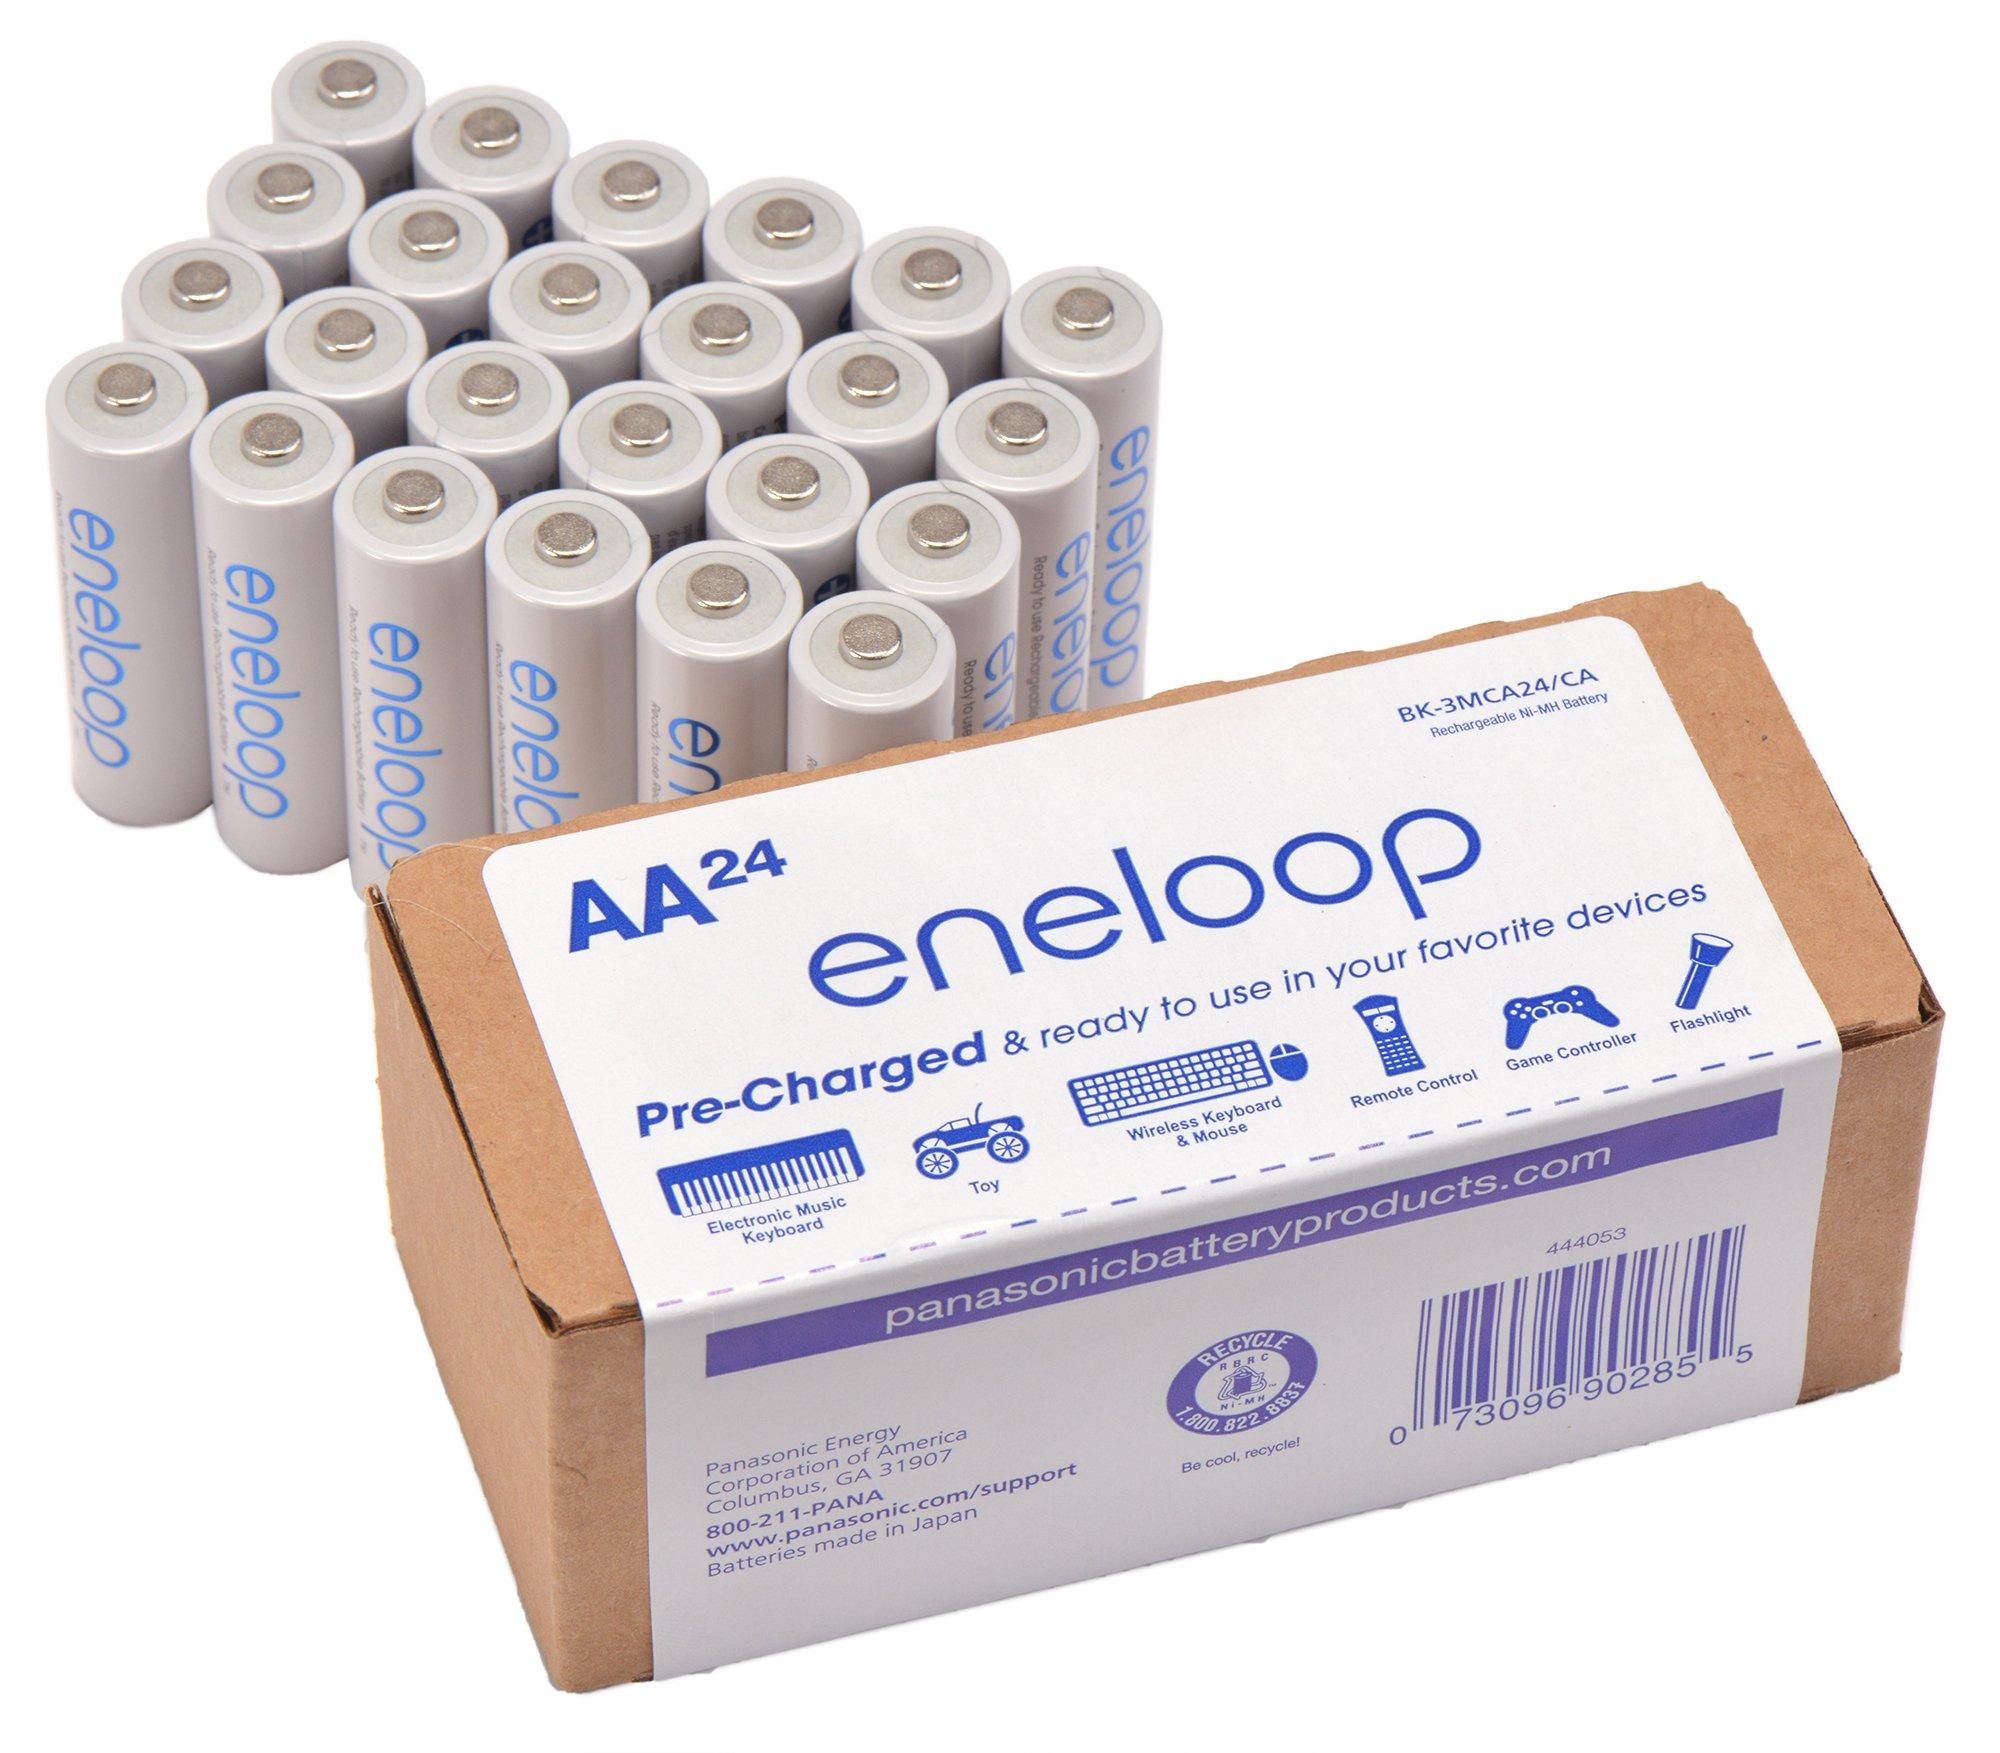 Panasonic BK-3MCA24/CA eneloop AA 2100 Cycle Ni-MH Pre-Charged Rechargeable Batteries 24 Pack by eneloop